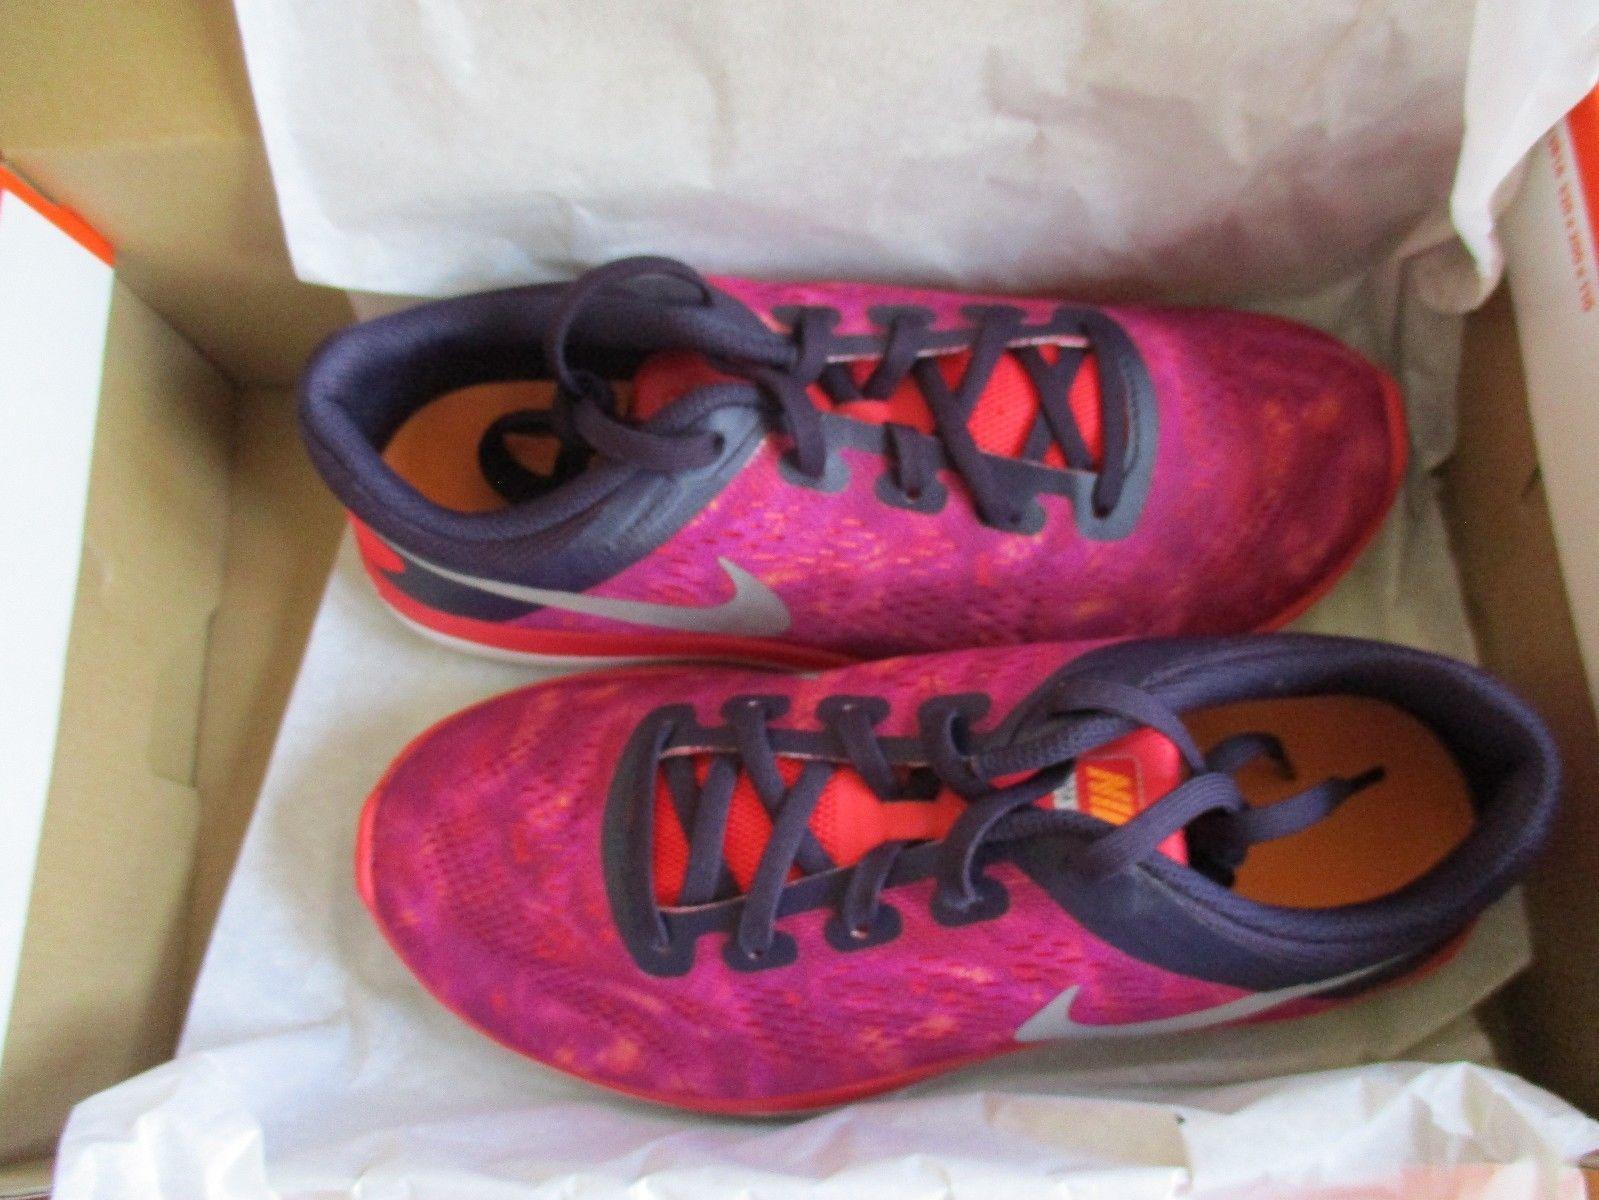 separation shoes 1c78b 712f7 S l1600. S l1600. Previous. BNIB Nike Flex 2016 RN Print (GS) youth girls  shoes, Size 6Y, · BNIB Nike Flex 2016 ...